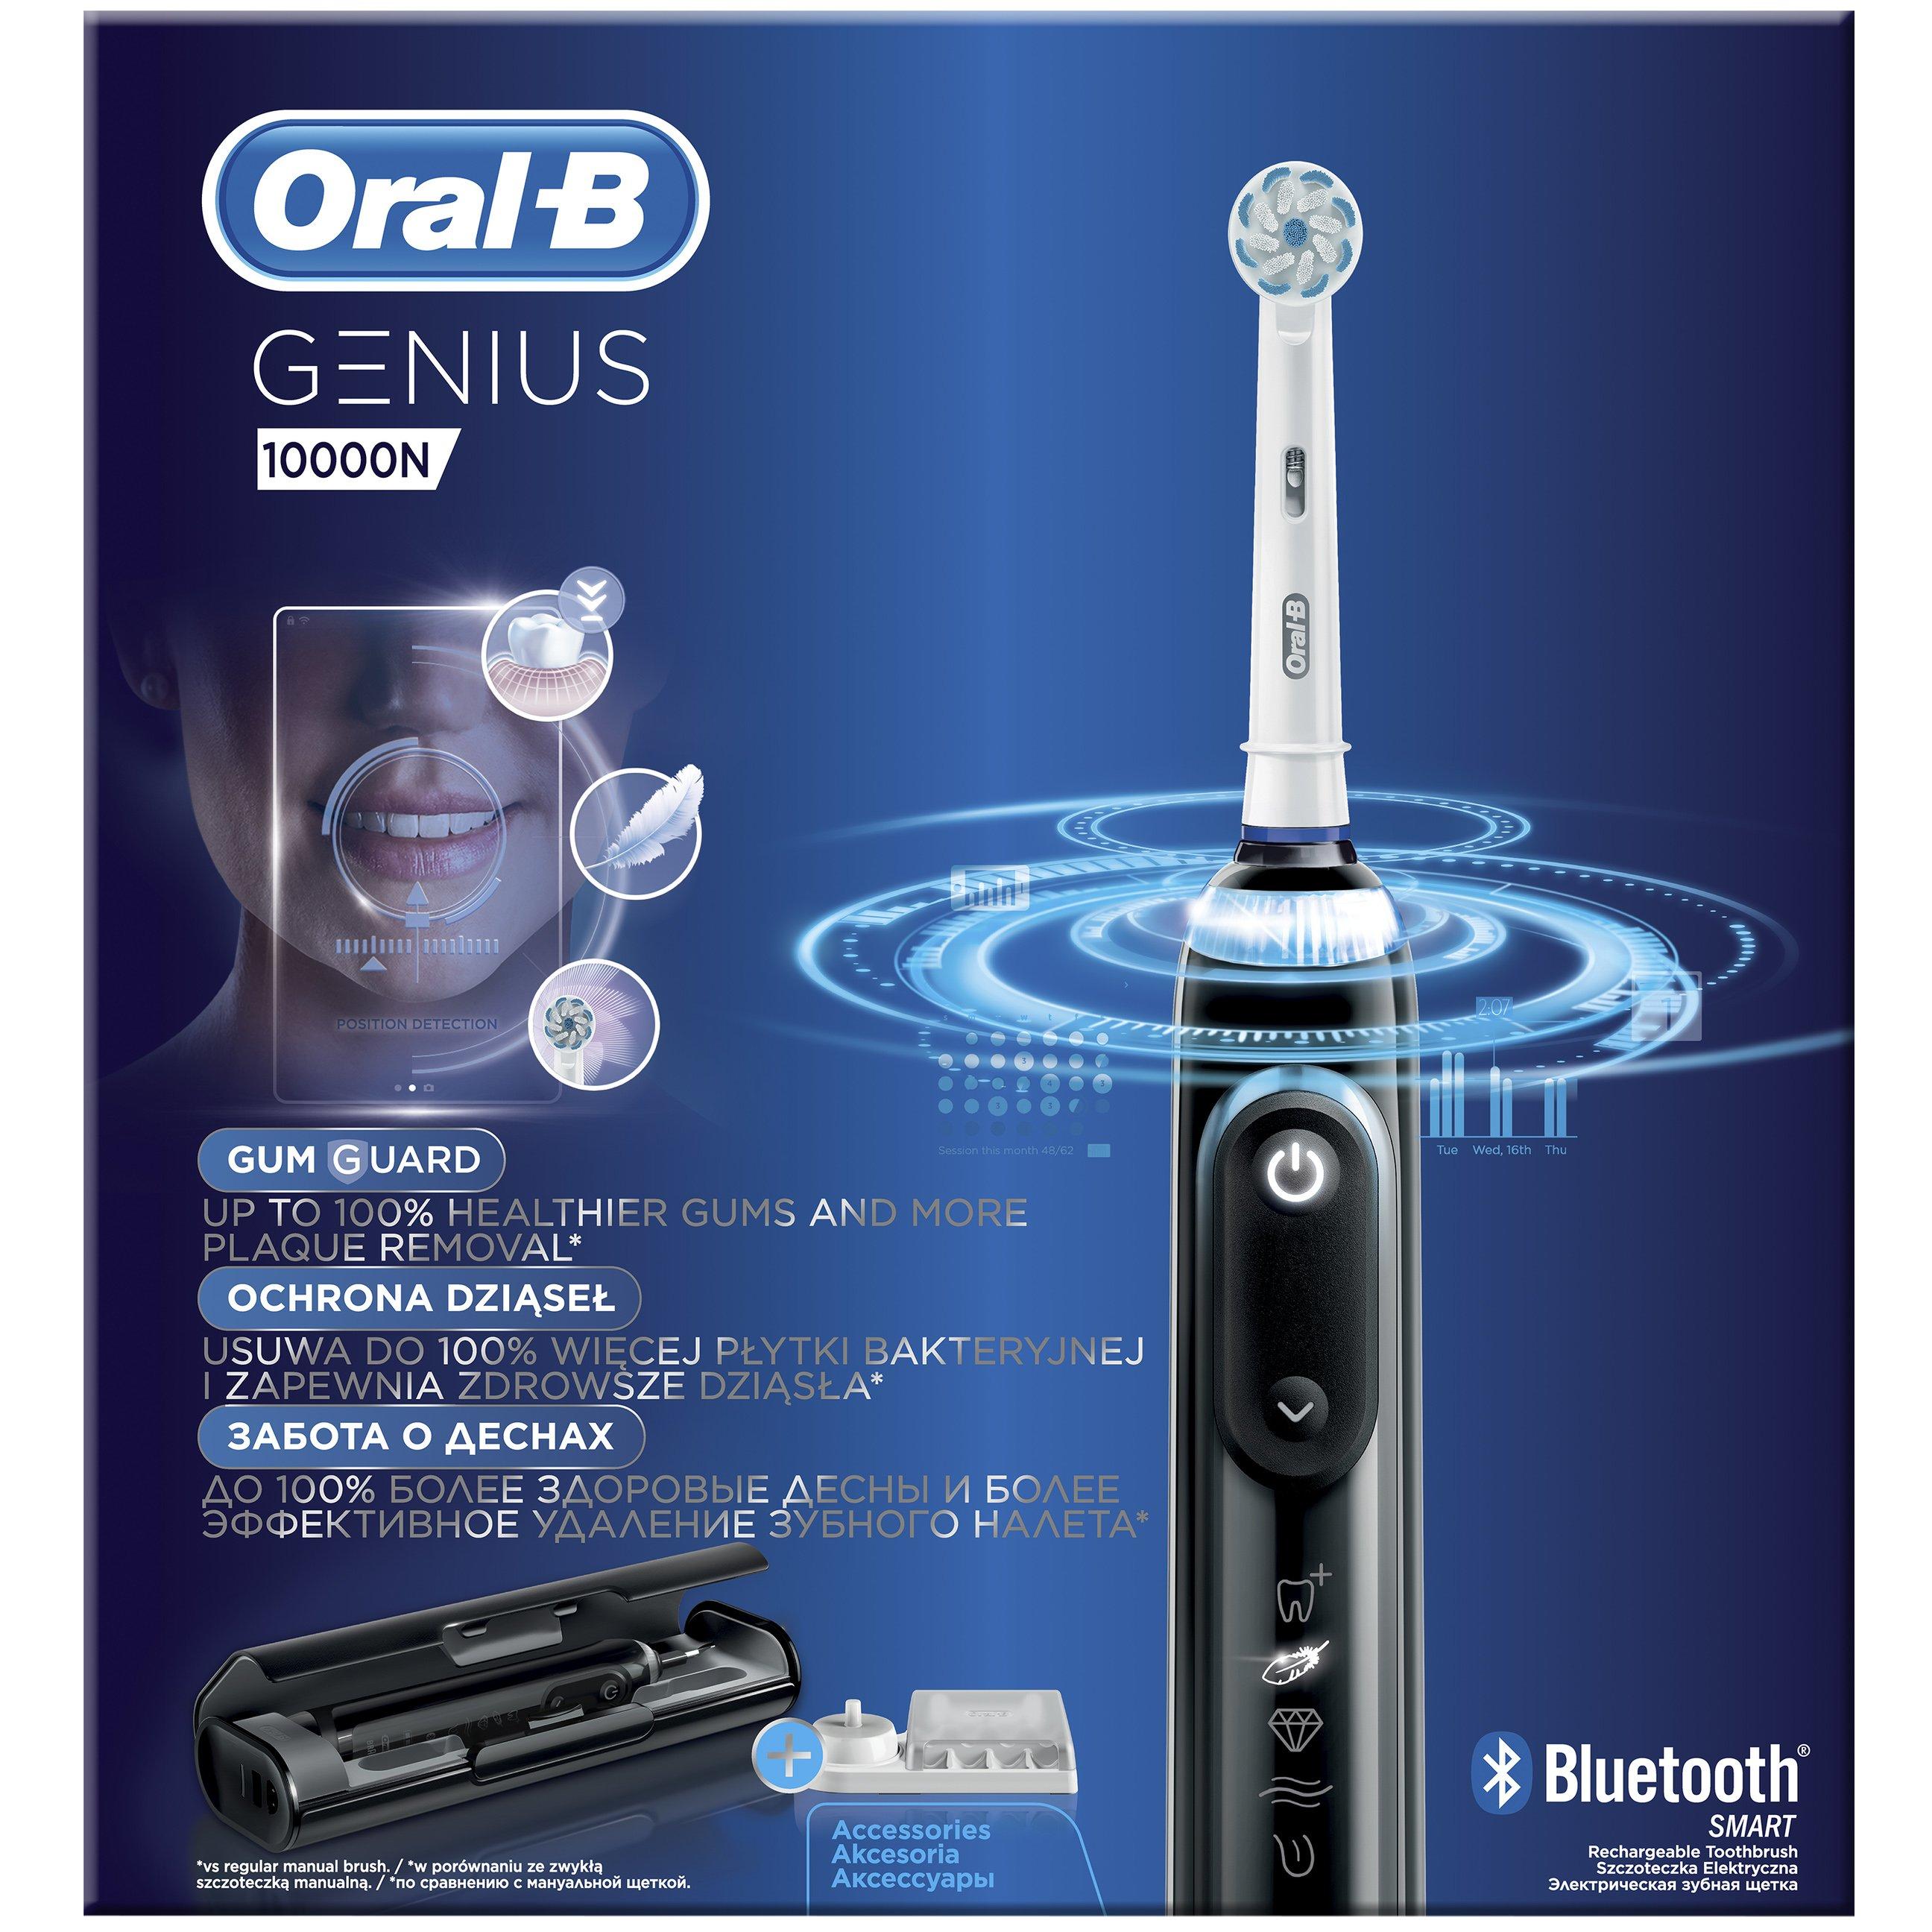 Oral-B Genius 10000 N Προηγμένη Ηλεκτρική Οδοντόβουρτσα με 6 Διαφορετικά Προγράμματα Καθαρισμού & Σύνδεση Bluetooth, Χρώμα Μαύρο